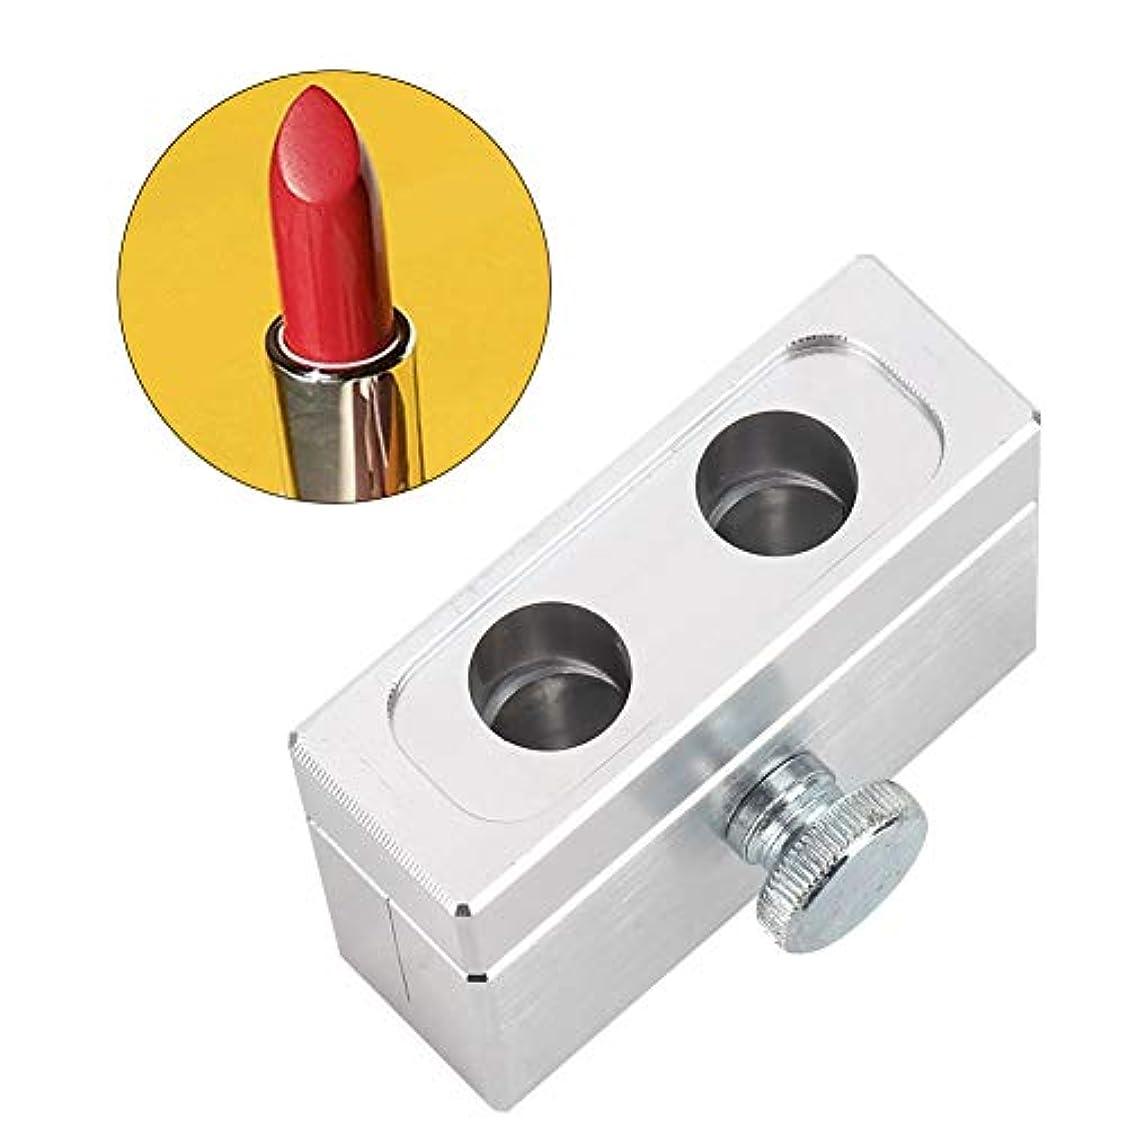 融合肘足DIY口紅型、口紅容器 12.1mm 2穴くちばし型アルミニウム合金リップバームモールドホルダートリプル使用化粧品リップバームフィルメーカー成形ツール(銀色)